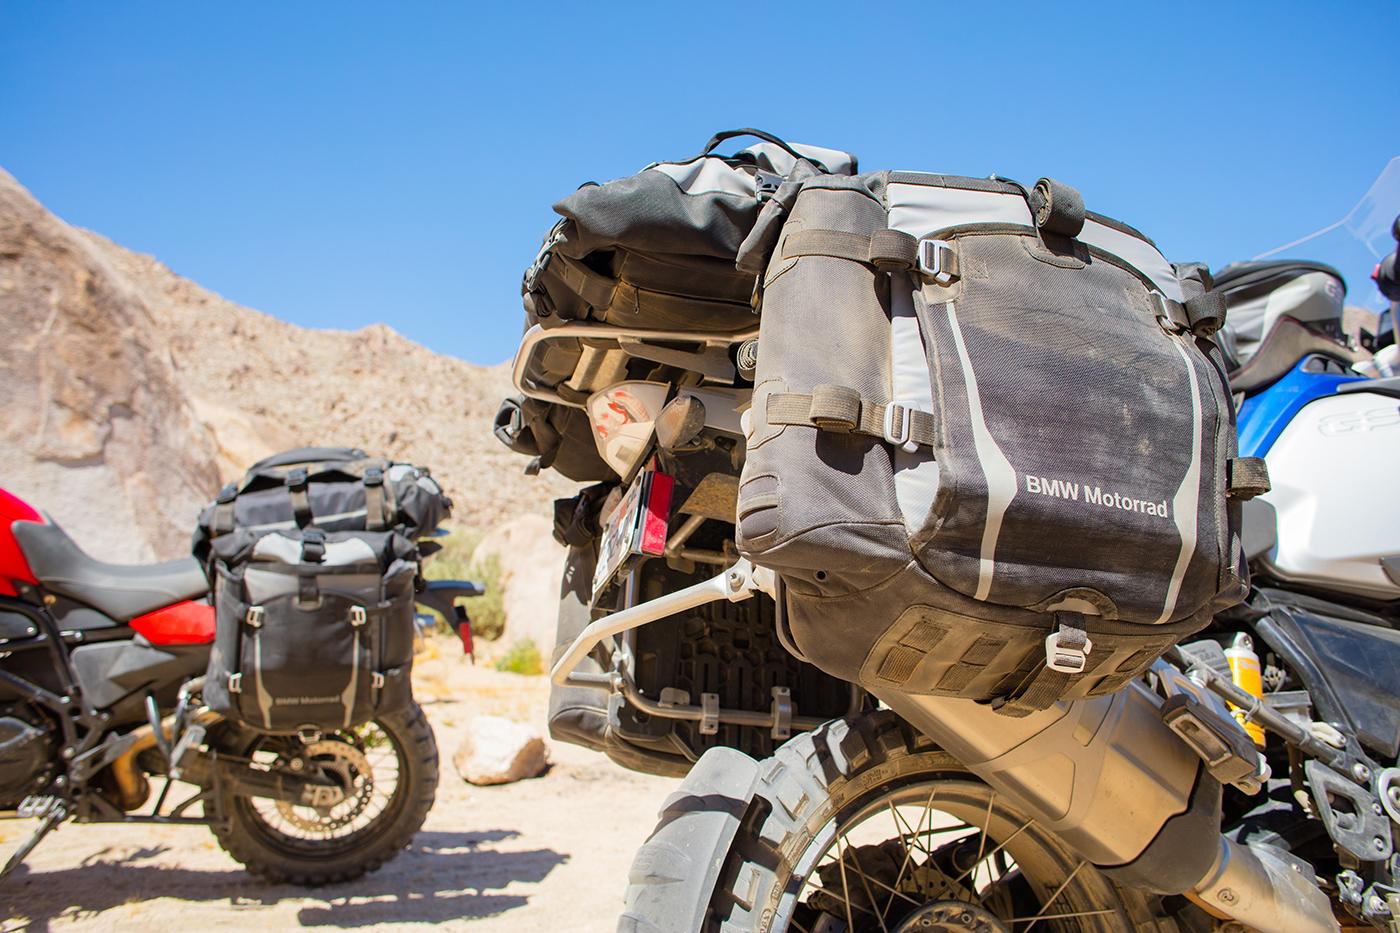 BMW Soft Luggage